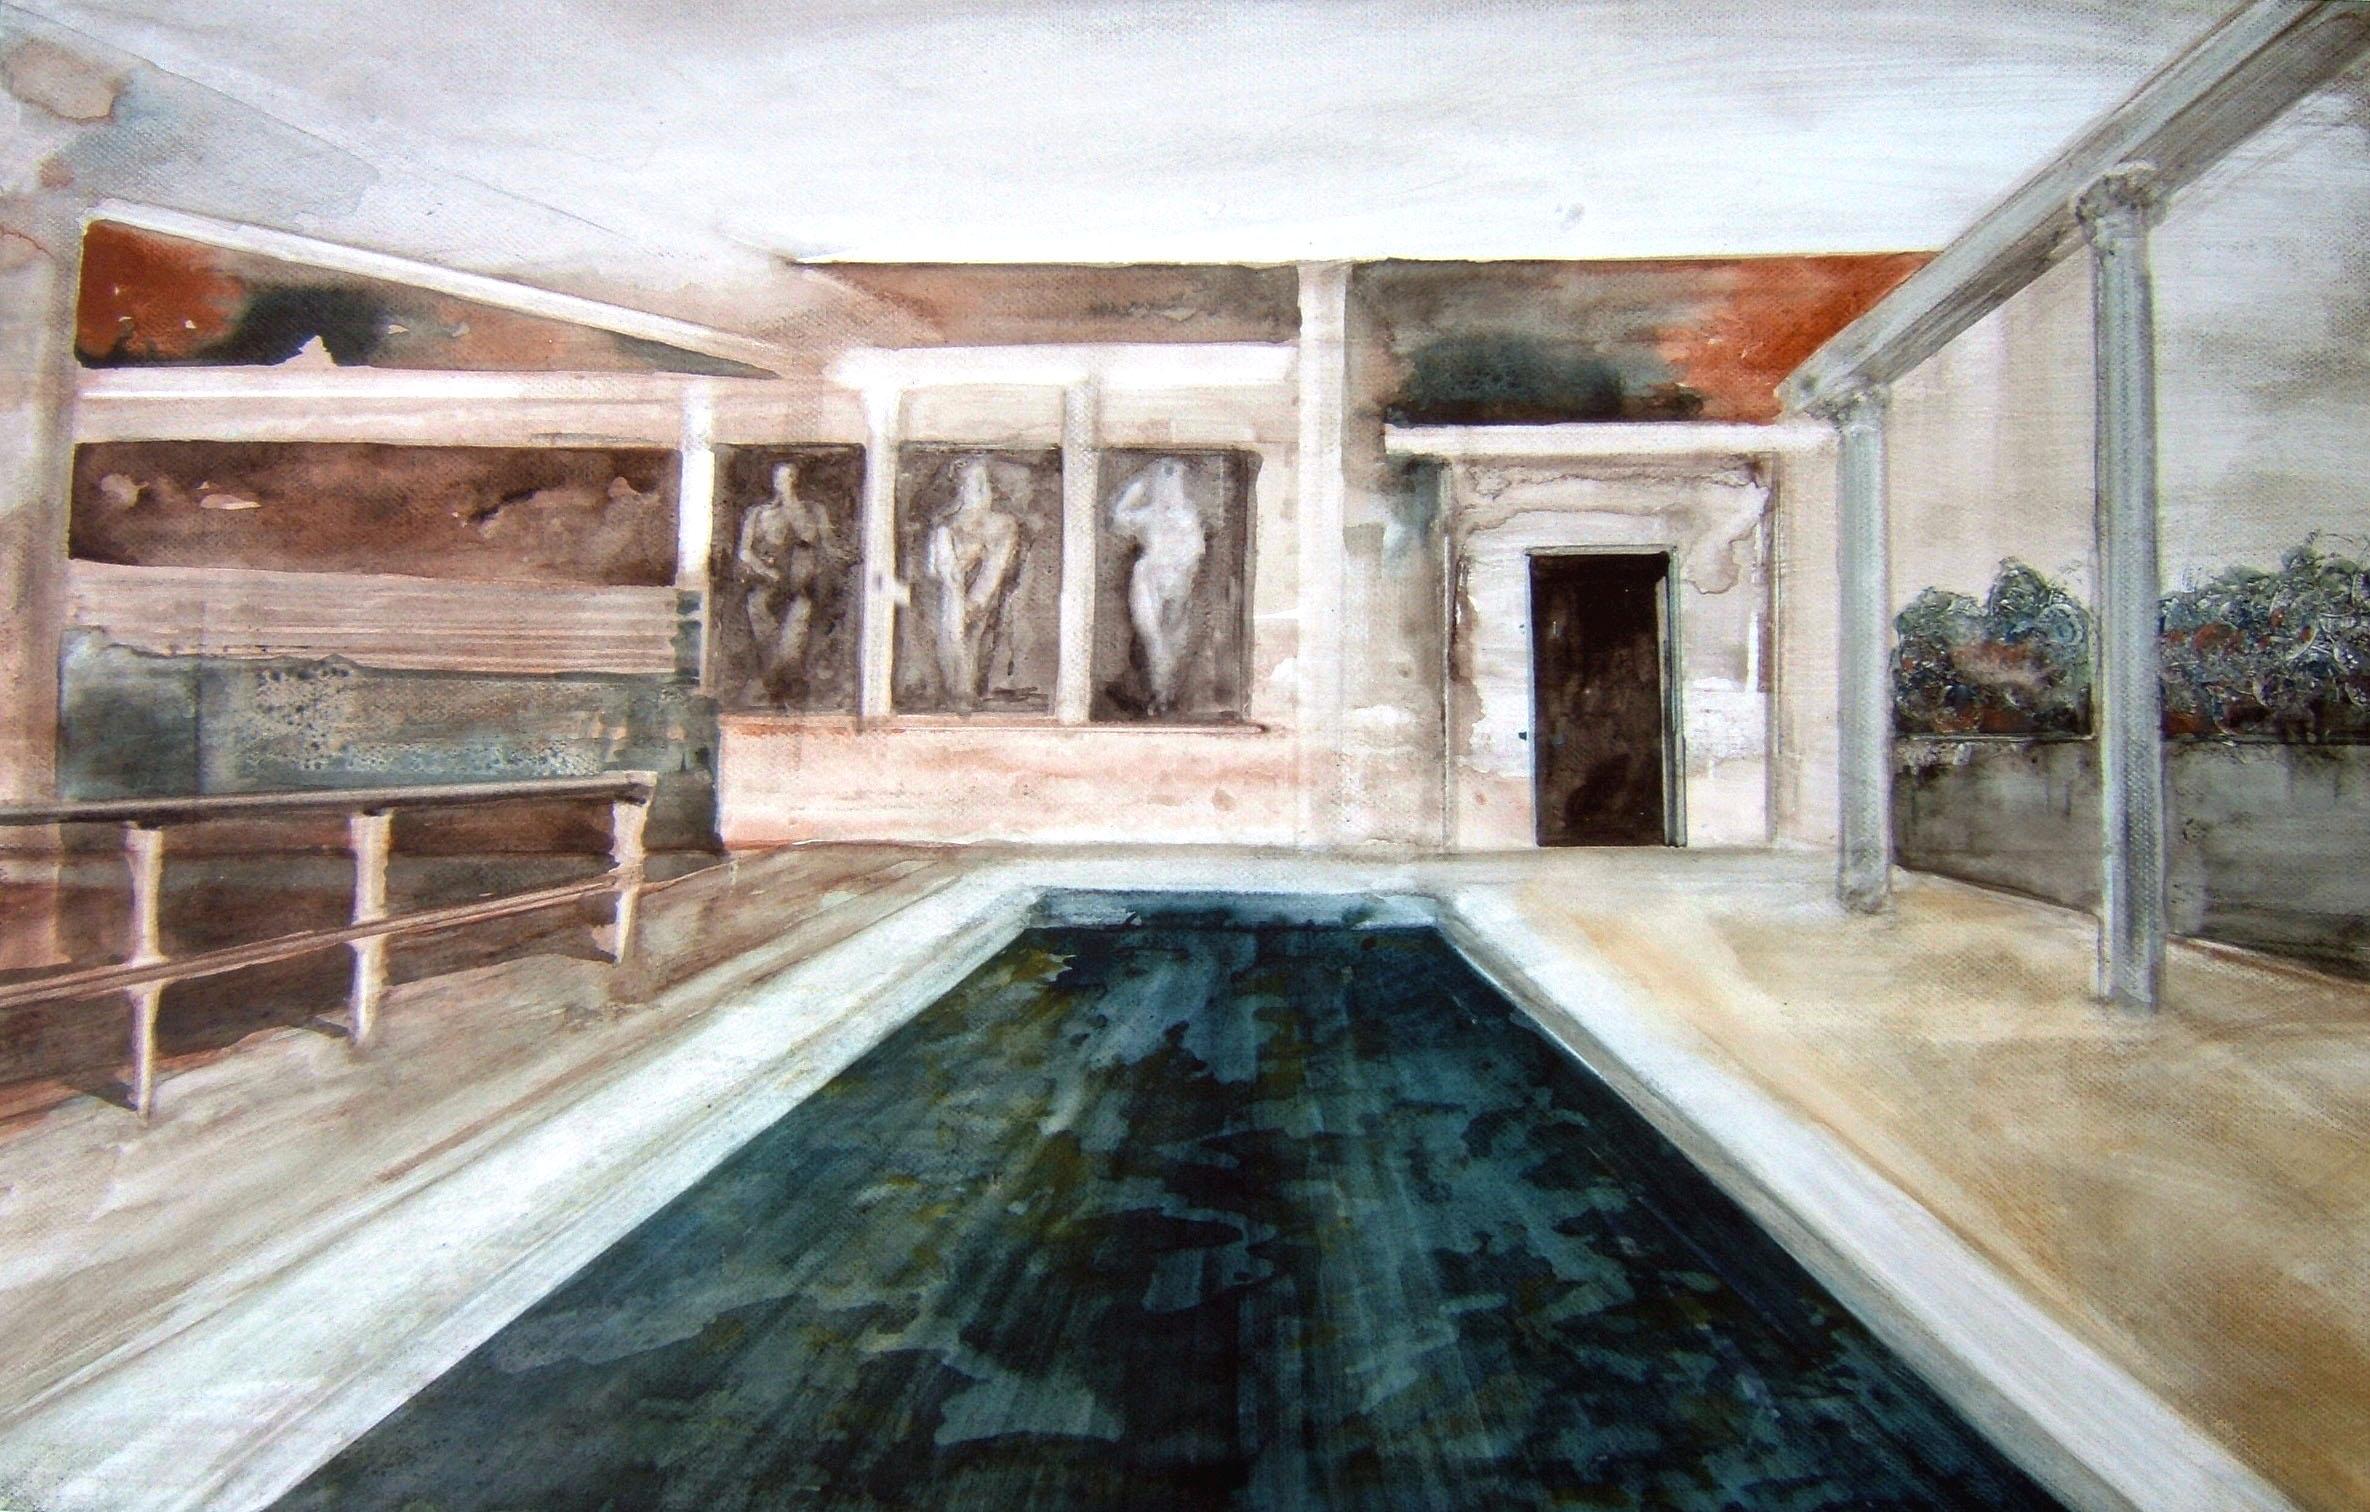 Villa romana (2010) - Enrique Cavestany - Enrius